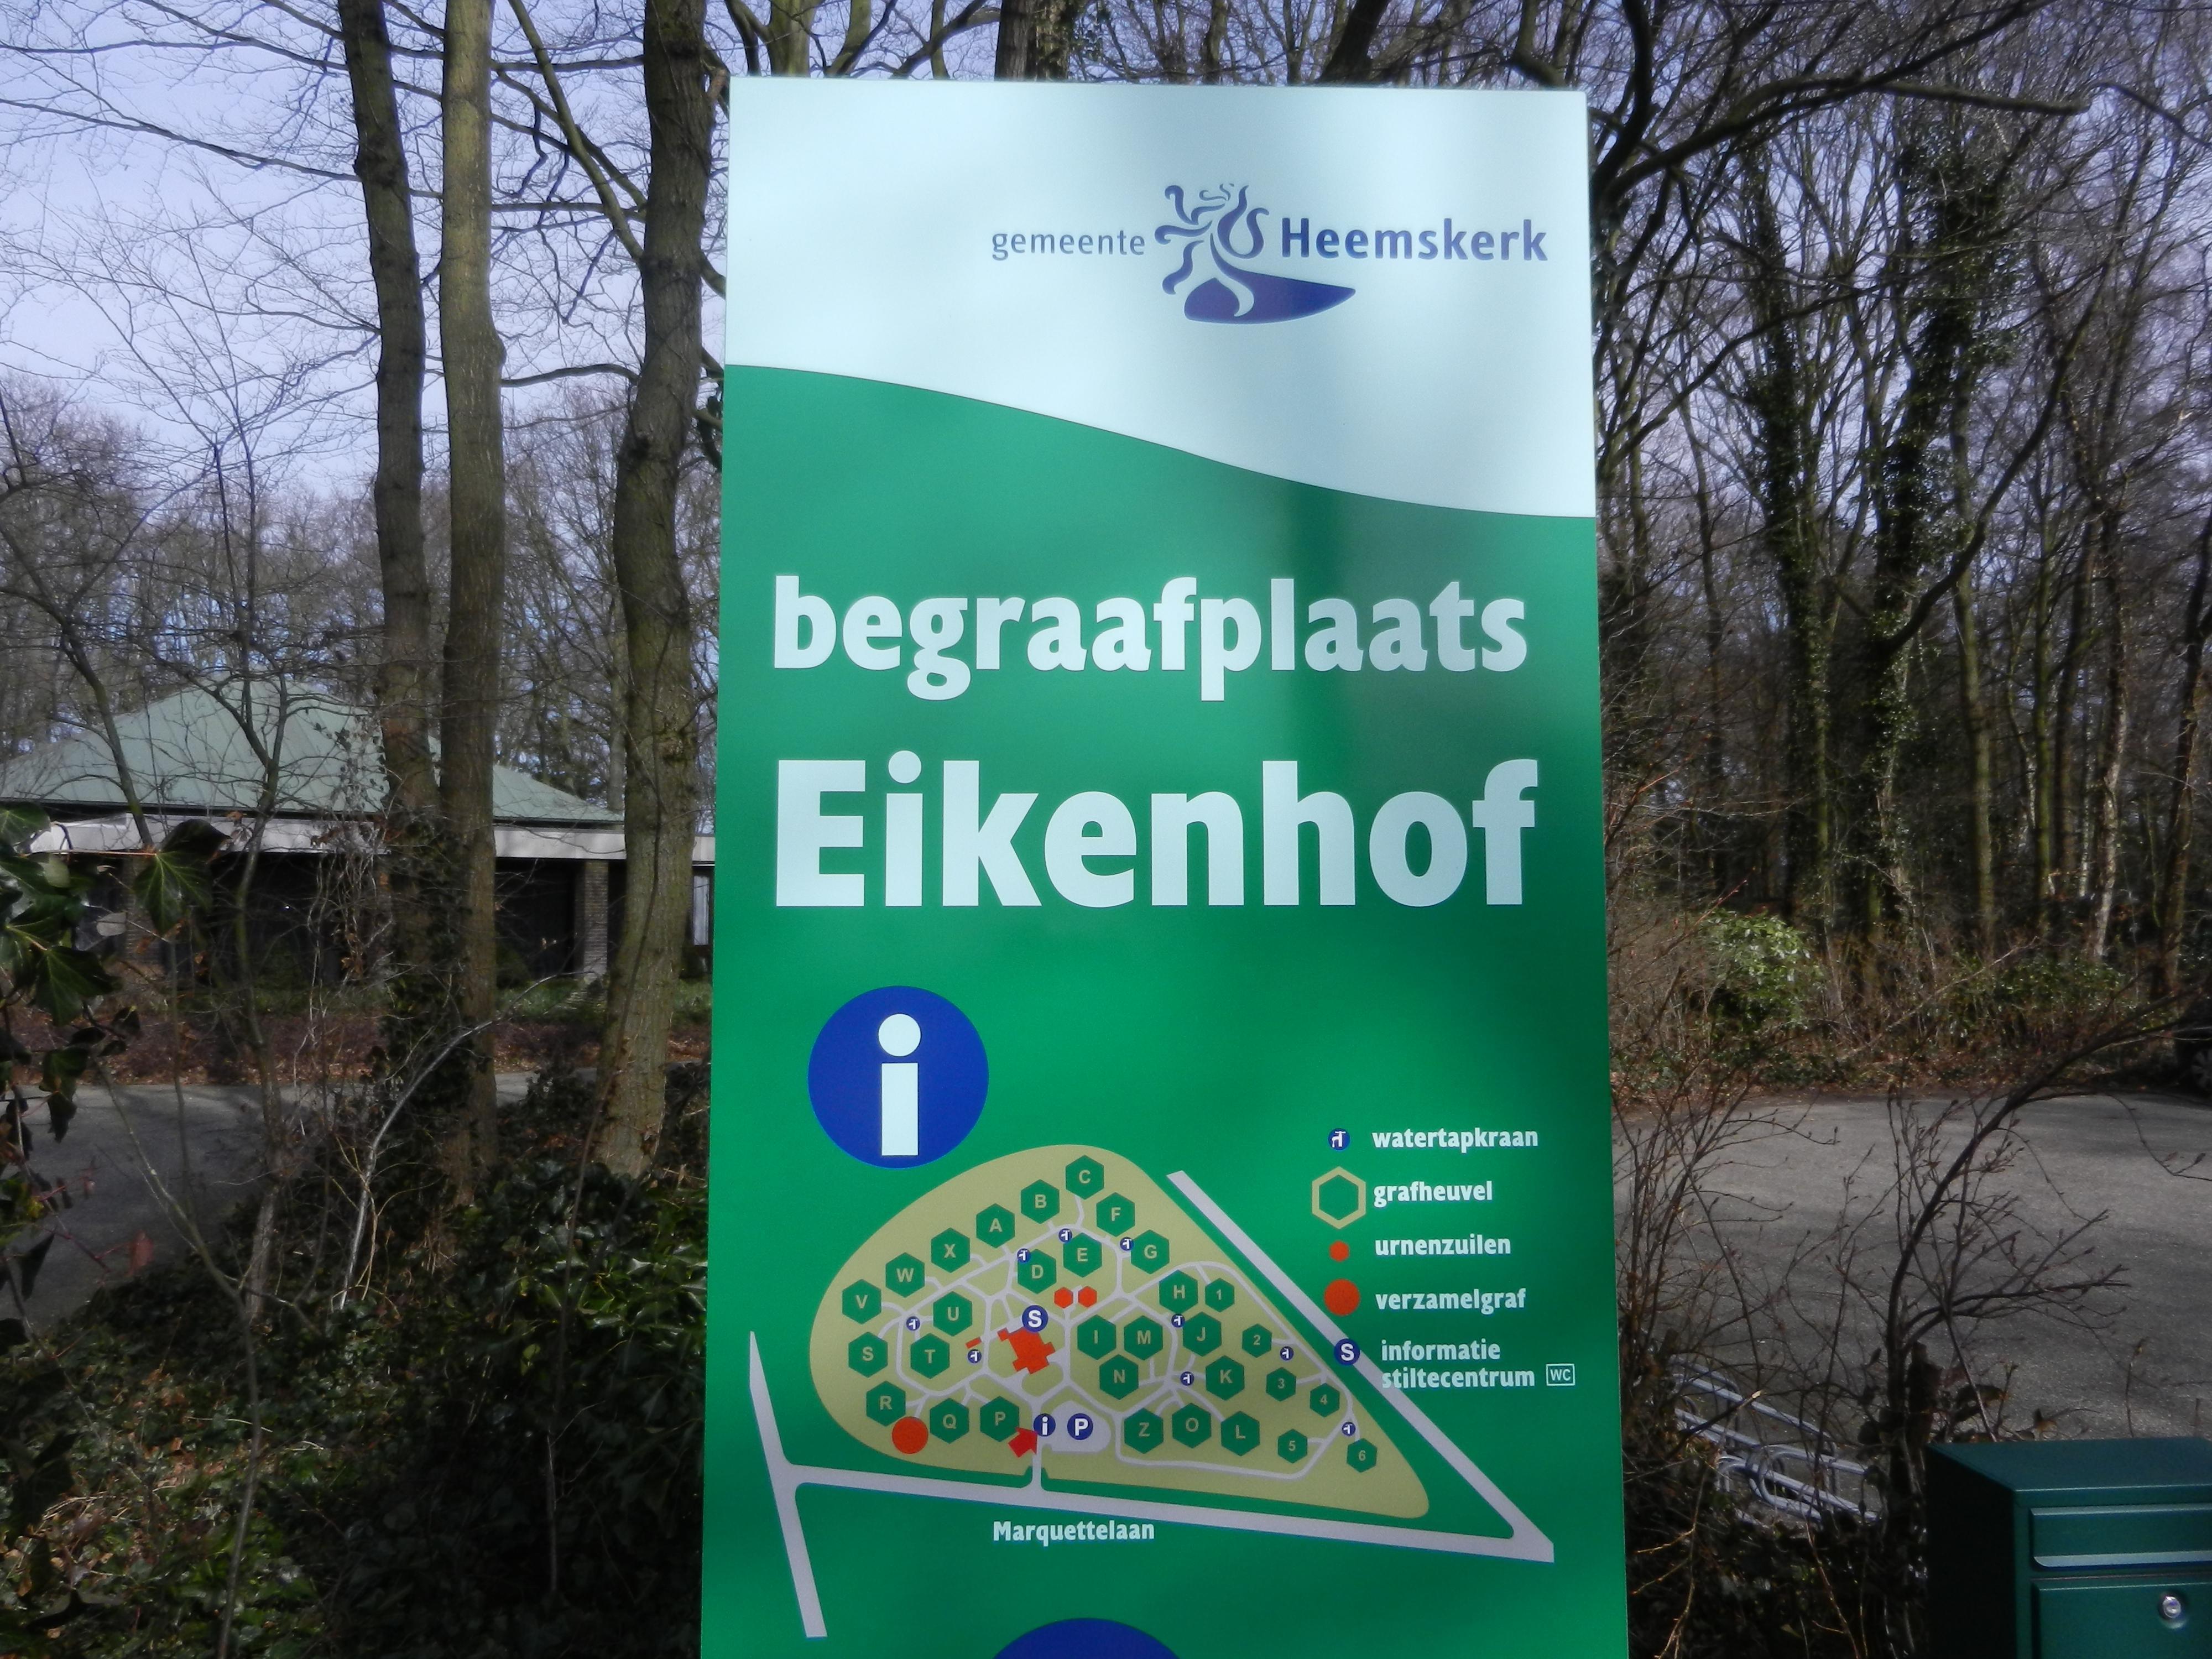 College Heemskerk blijft bij hoogbouw op Eikenhof 2. 'Zodoende wordt het groene karakter zoveel mogelijk behouden'